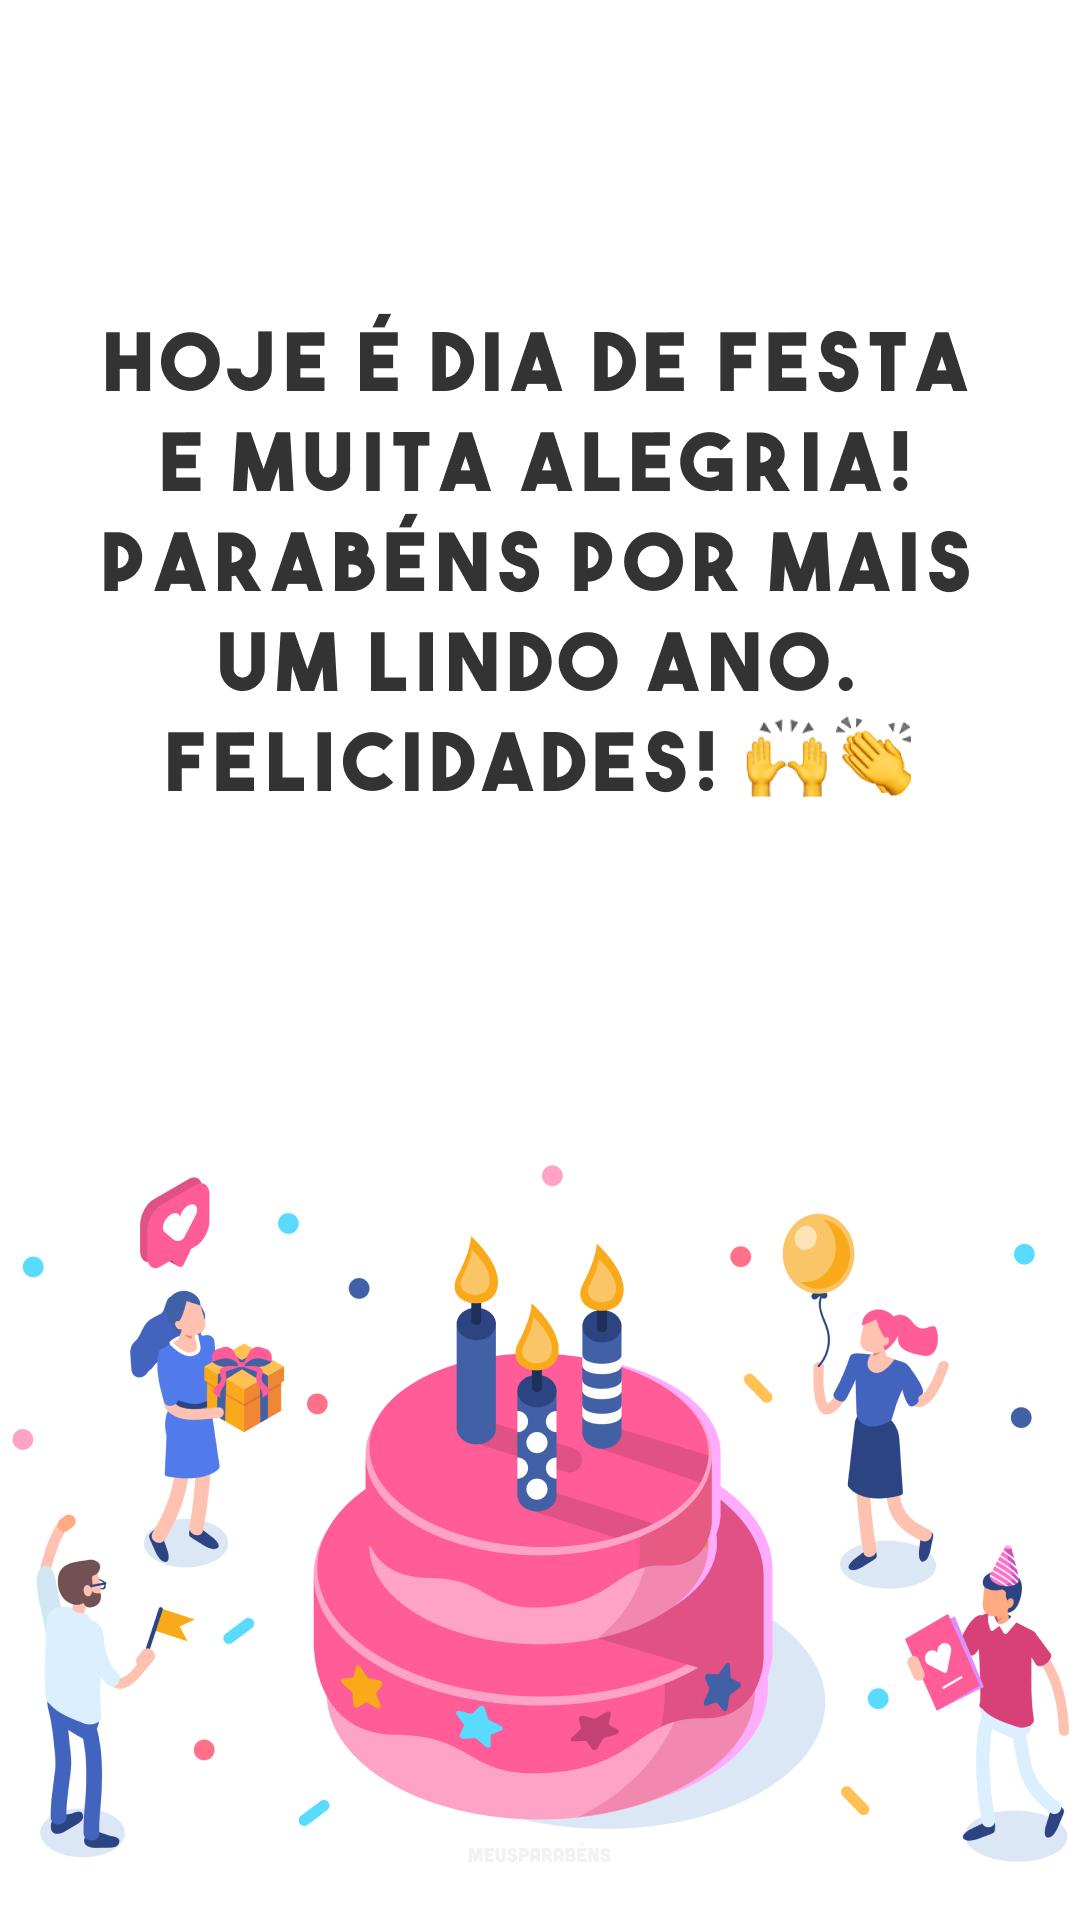 Hoje é dia de festa e muita alegria! Parabéns por mais um lindo ano. Felicidades!  🙌👏